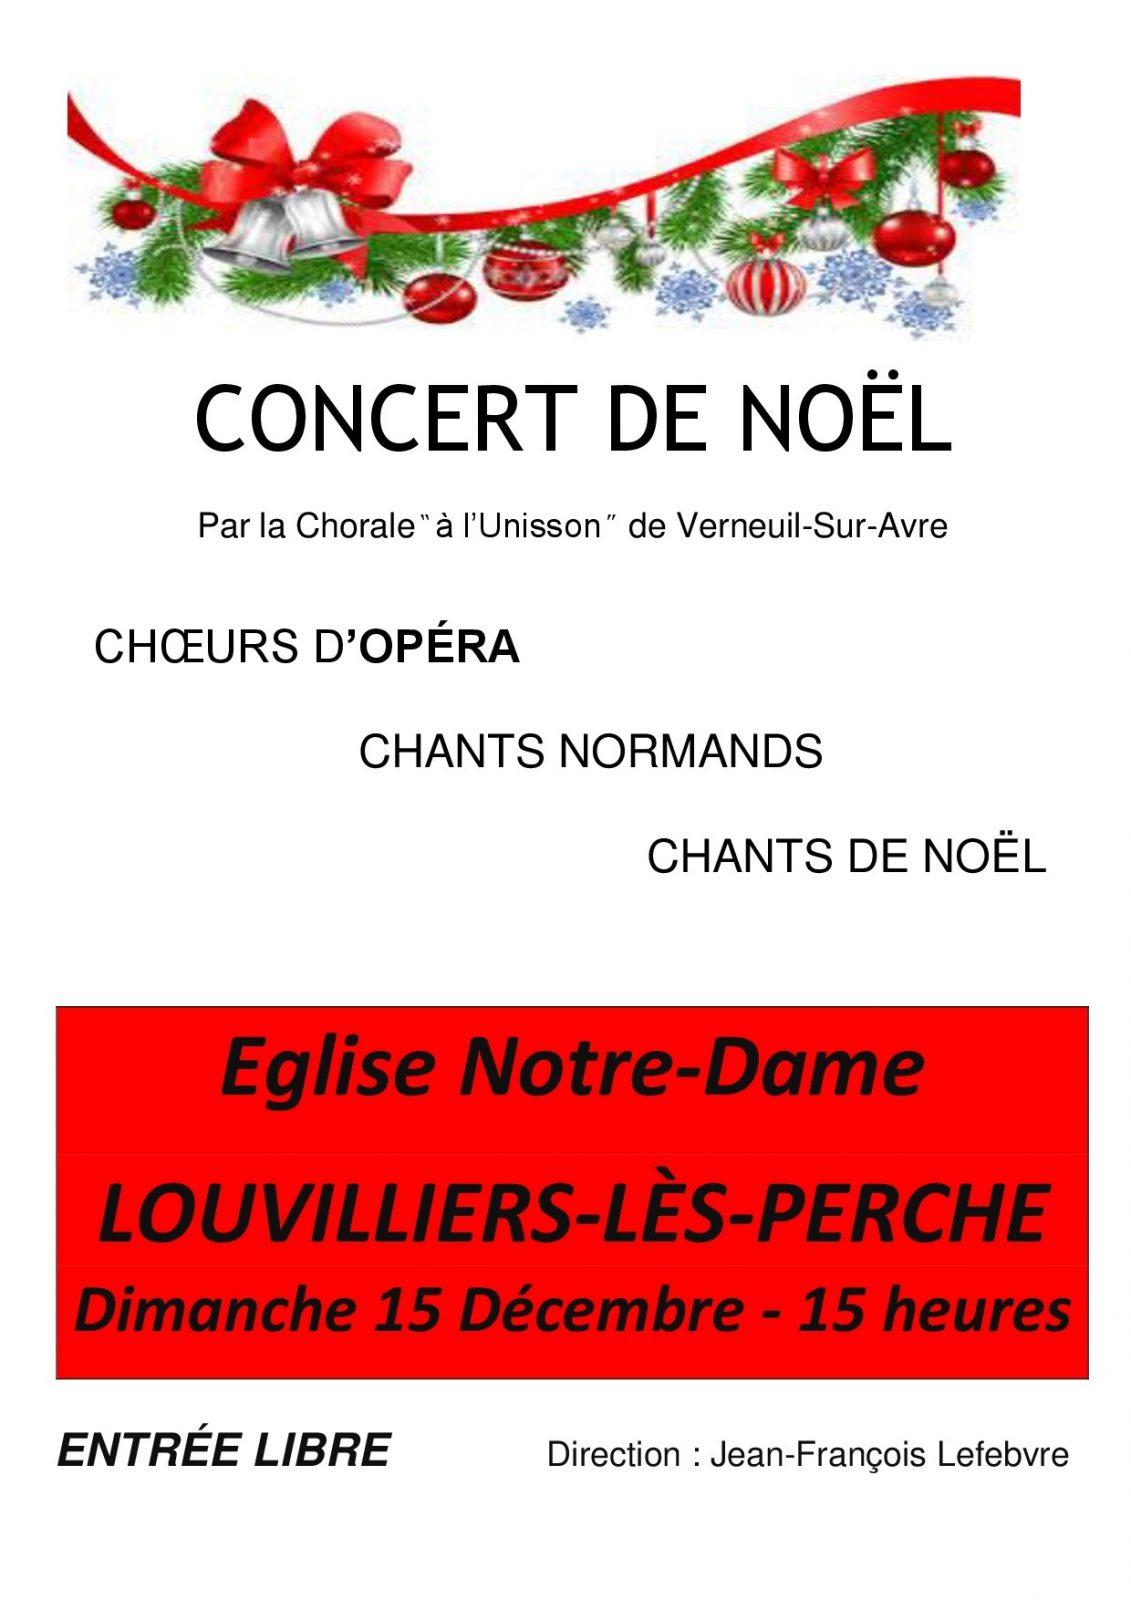 Concert de Noël – Eglise Notre Dame de Louvilliers-Lès Perche à LOUVILLIERS-LES-PERCHE © mairie de louvilliers les perche